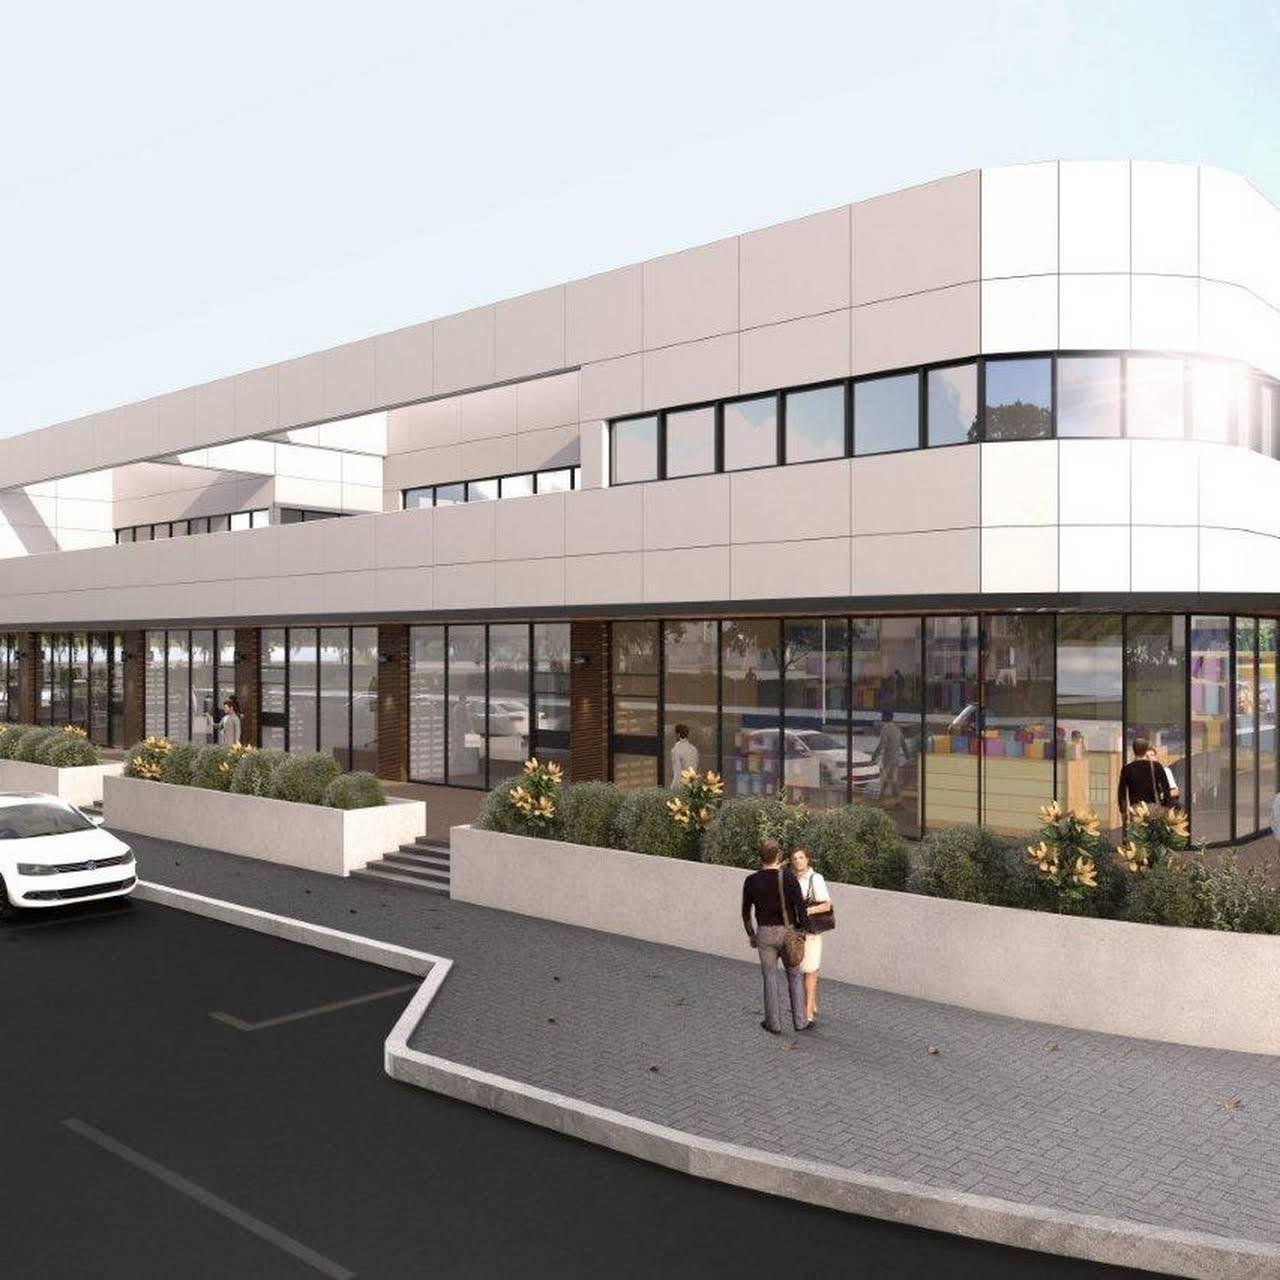 מיוחדים נתיב השקעות - משרד תיווך בוטיק - Real Estate Agency in אשקלון TG-31